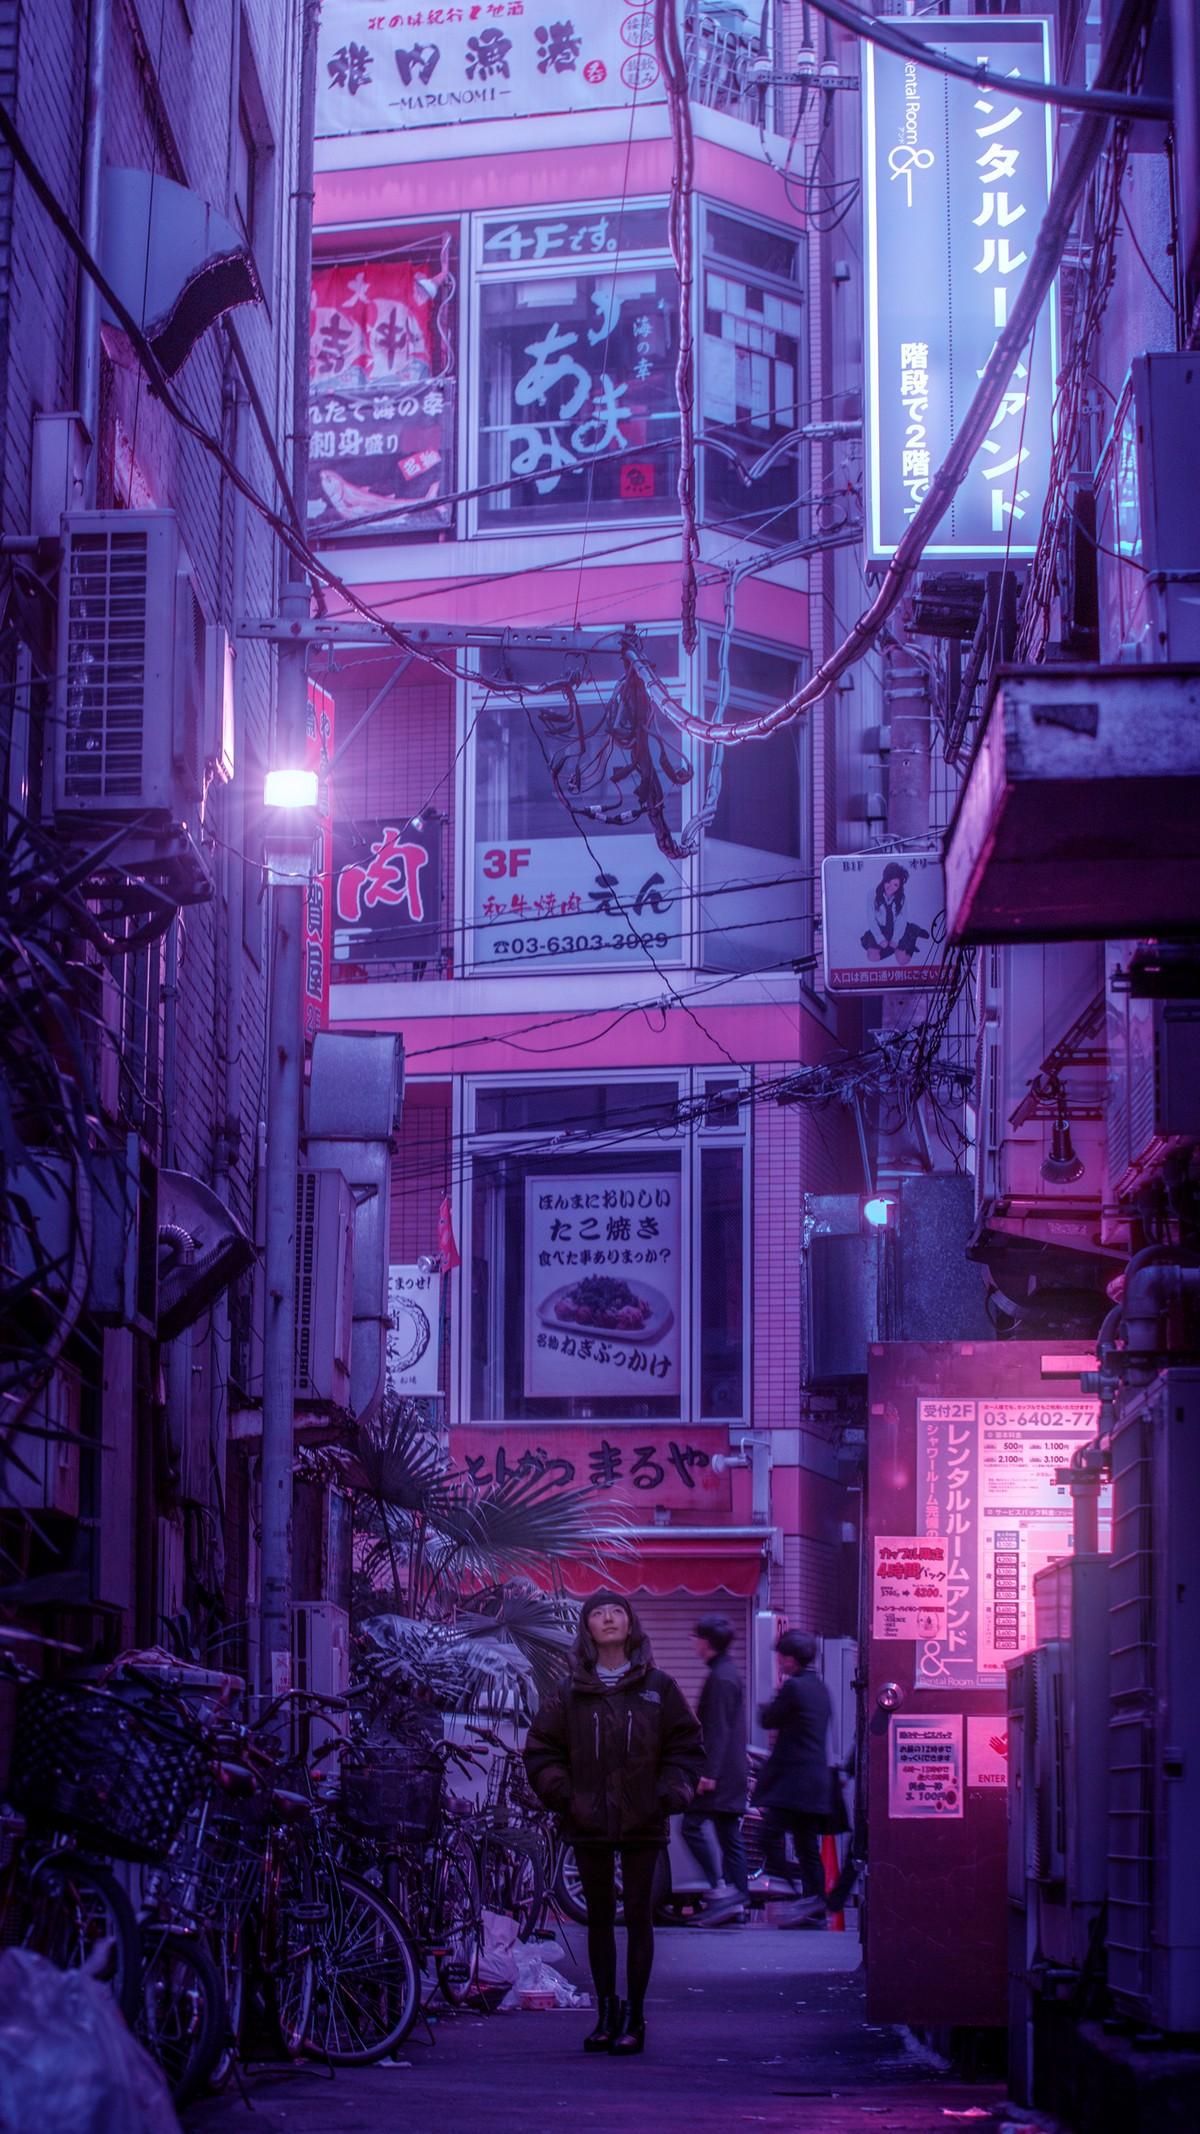 Неоновые огни ночного Токио на снимках Лиама Вонга